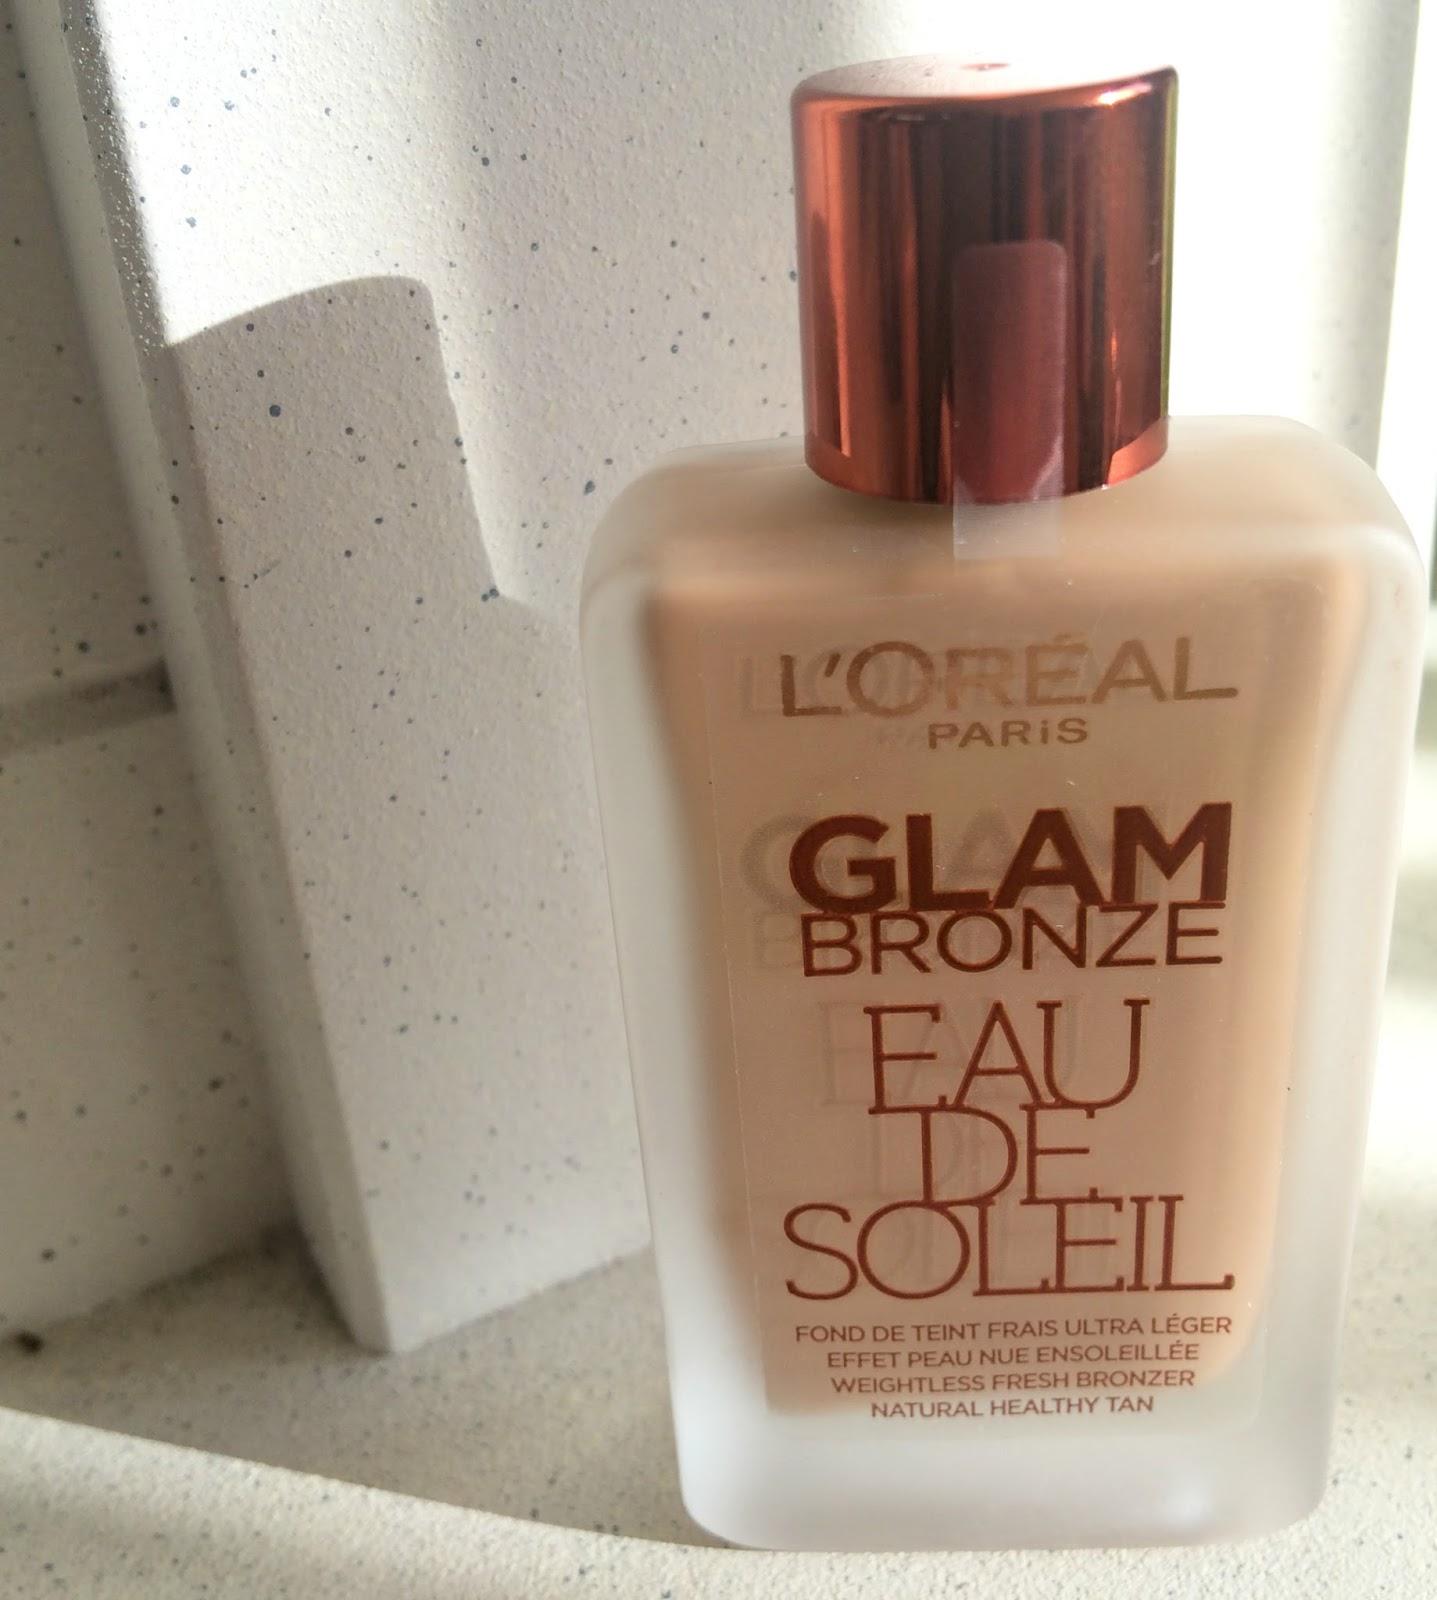 L'oreal glam bronze eau de soleil